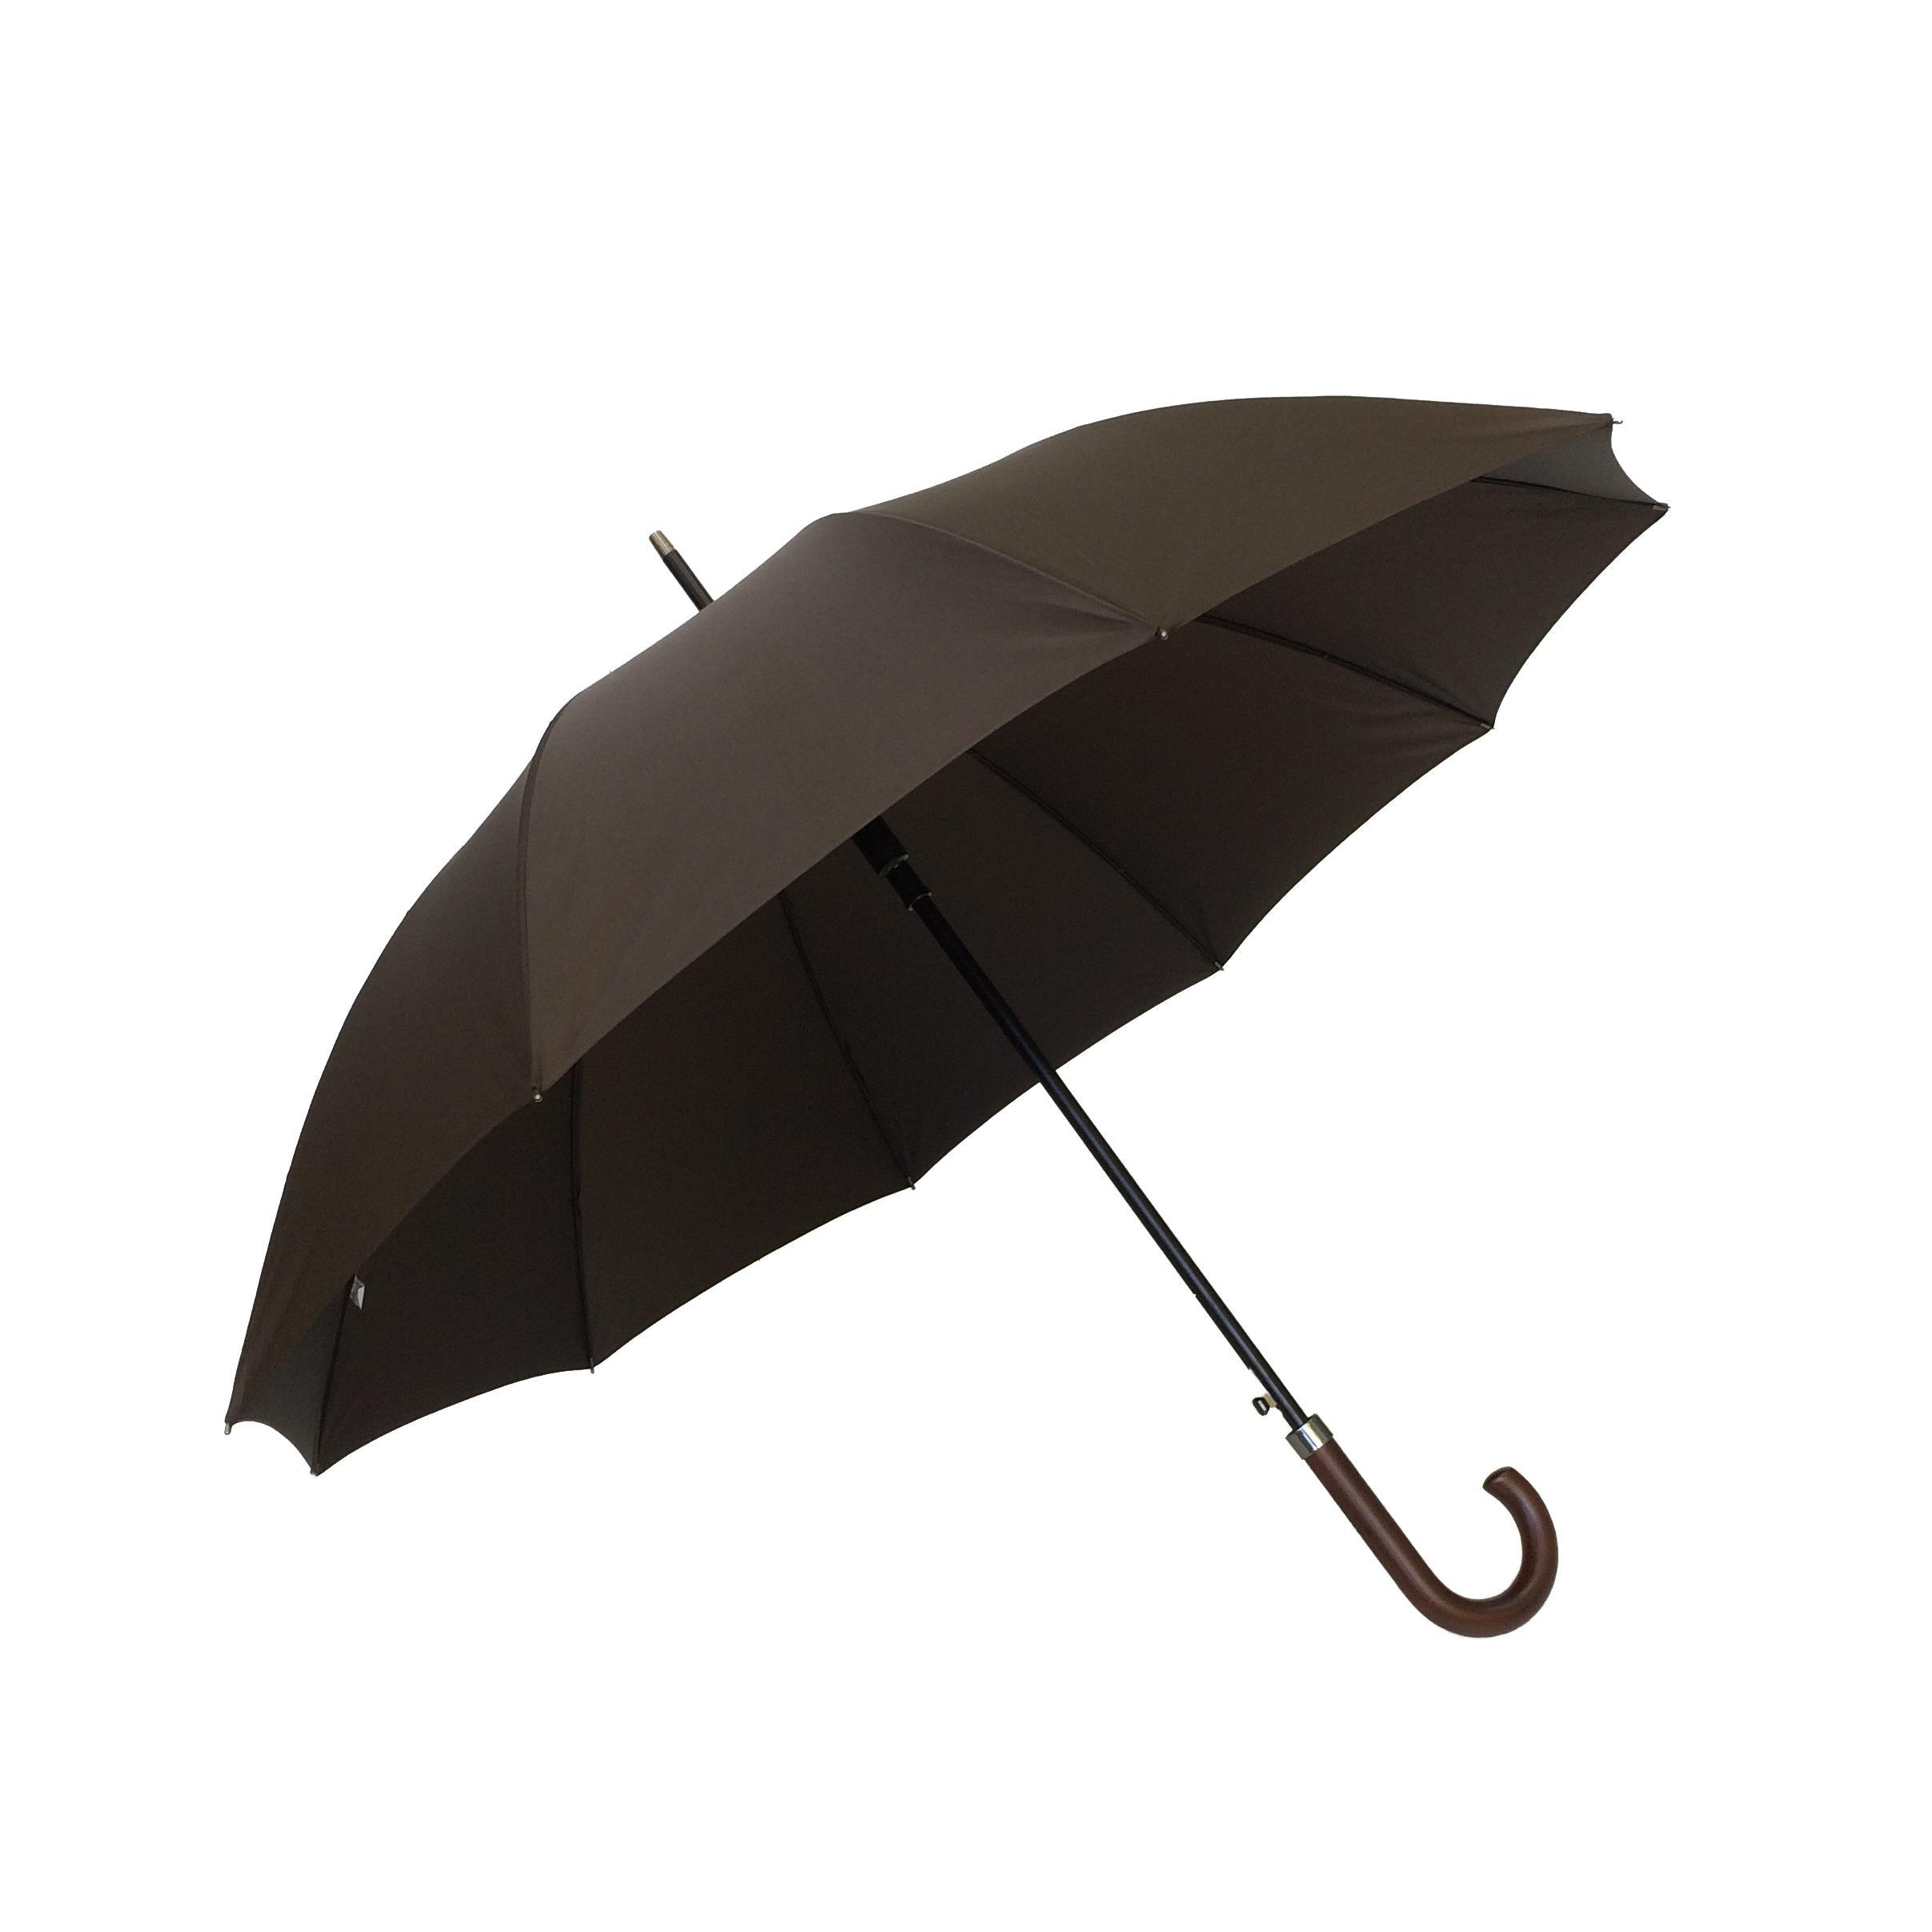 Parapluie droit homme automatique marron poignée en bois housse de  protection bf6ff31a629